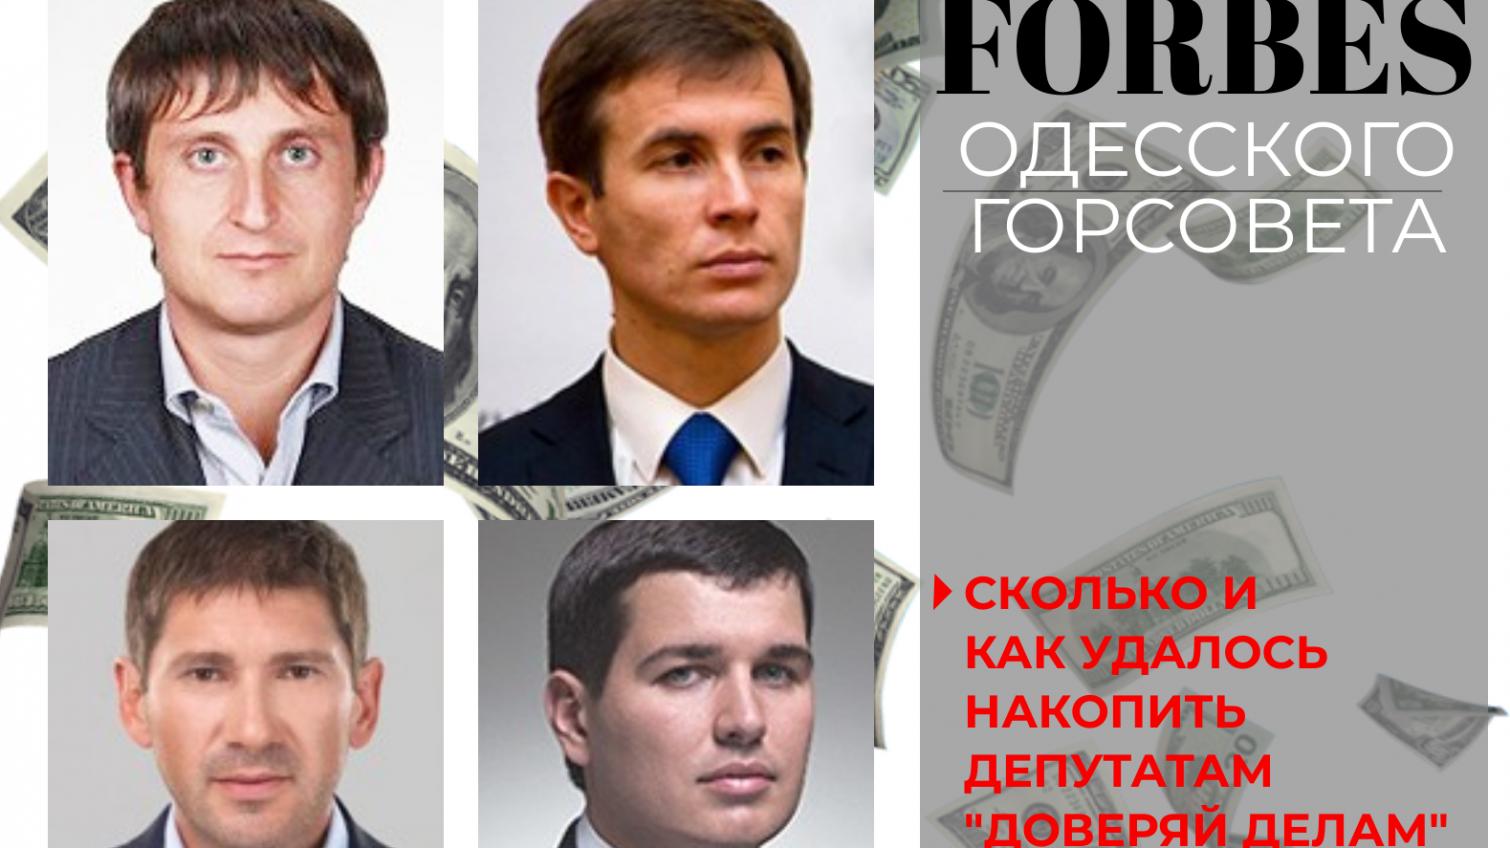 Декларации одесских депутатов: самый состоятельный депутат от «Доверяй делам» заработал в прошлом году 33,5 миллиона гривен «фото»